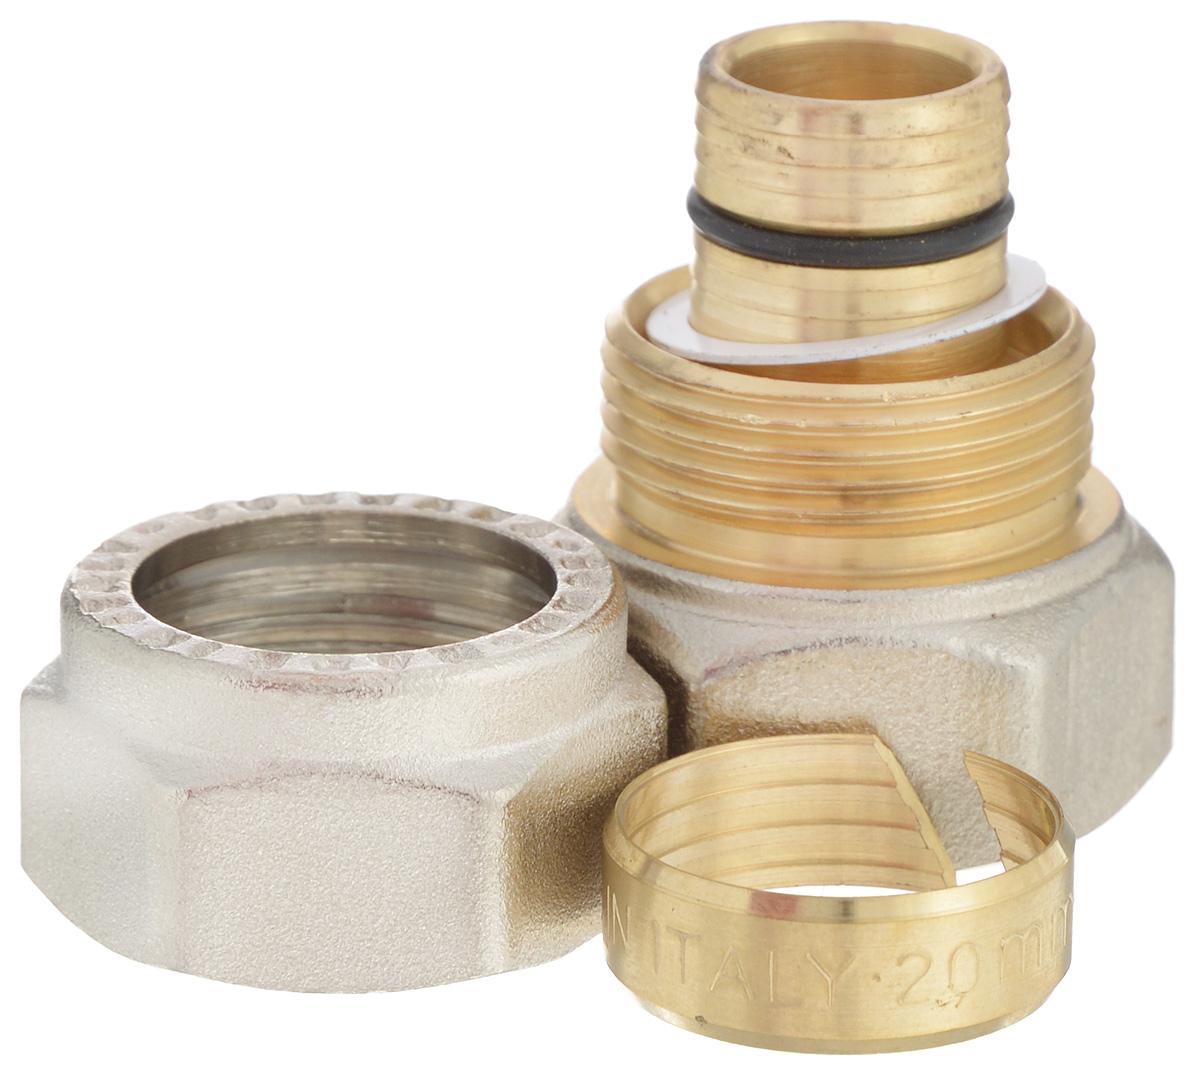 Соединитель Fornara, ц - г, 20 x 3/4A100E-20IAСоединитель Fornara предназначен для соединения металлопластиковых труб с помощью разводного ключа. Соединение получается разъемным, что позволяет при необходимости заменять уплотнительные кольца, а также производить обслуживание участка трубопровода.